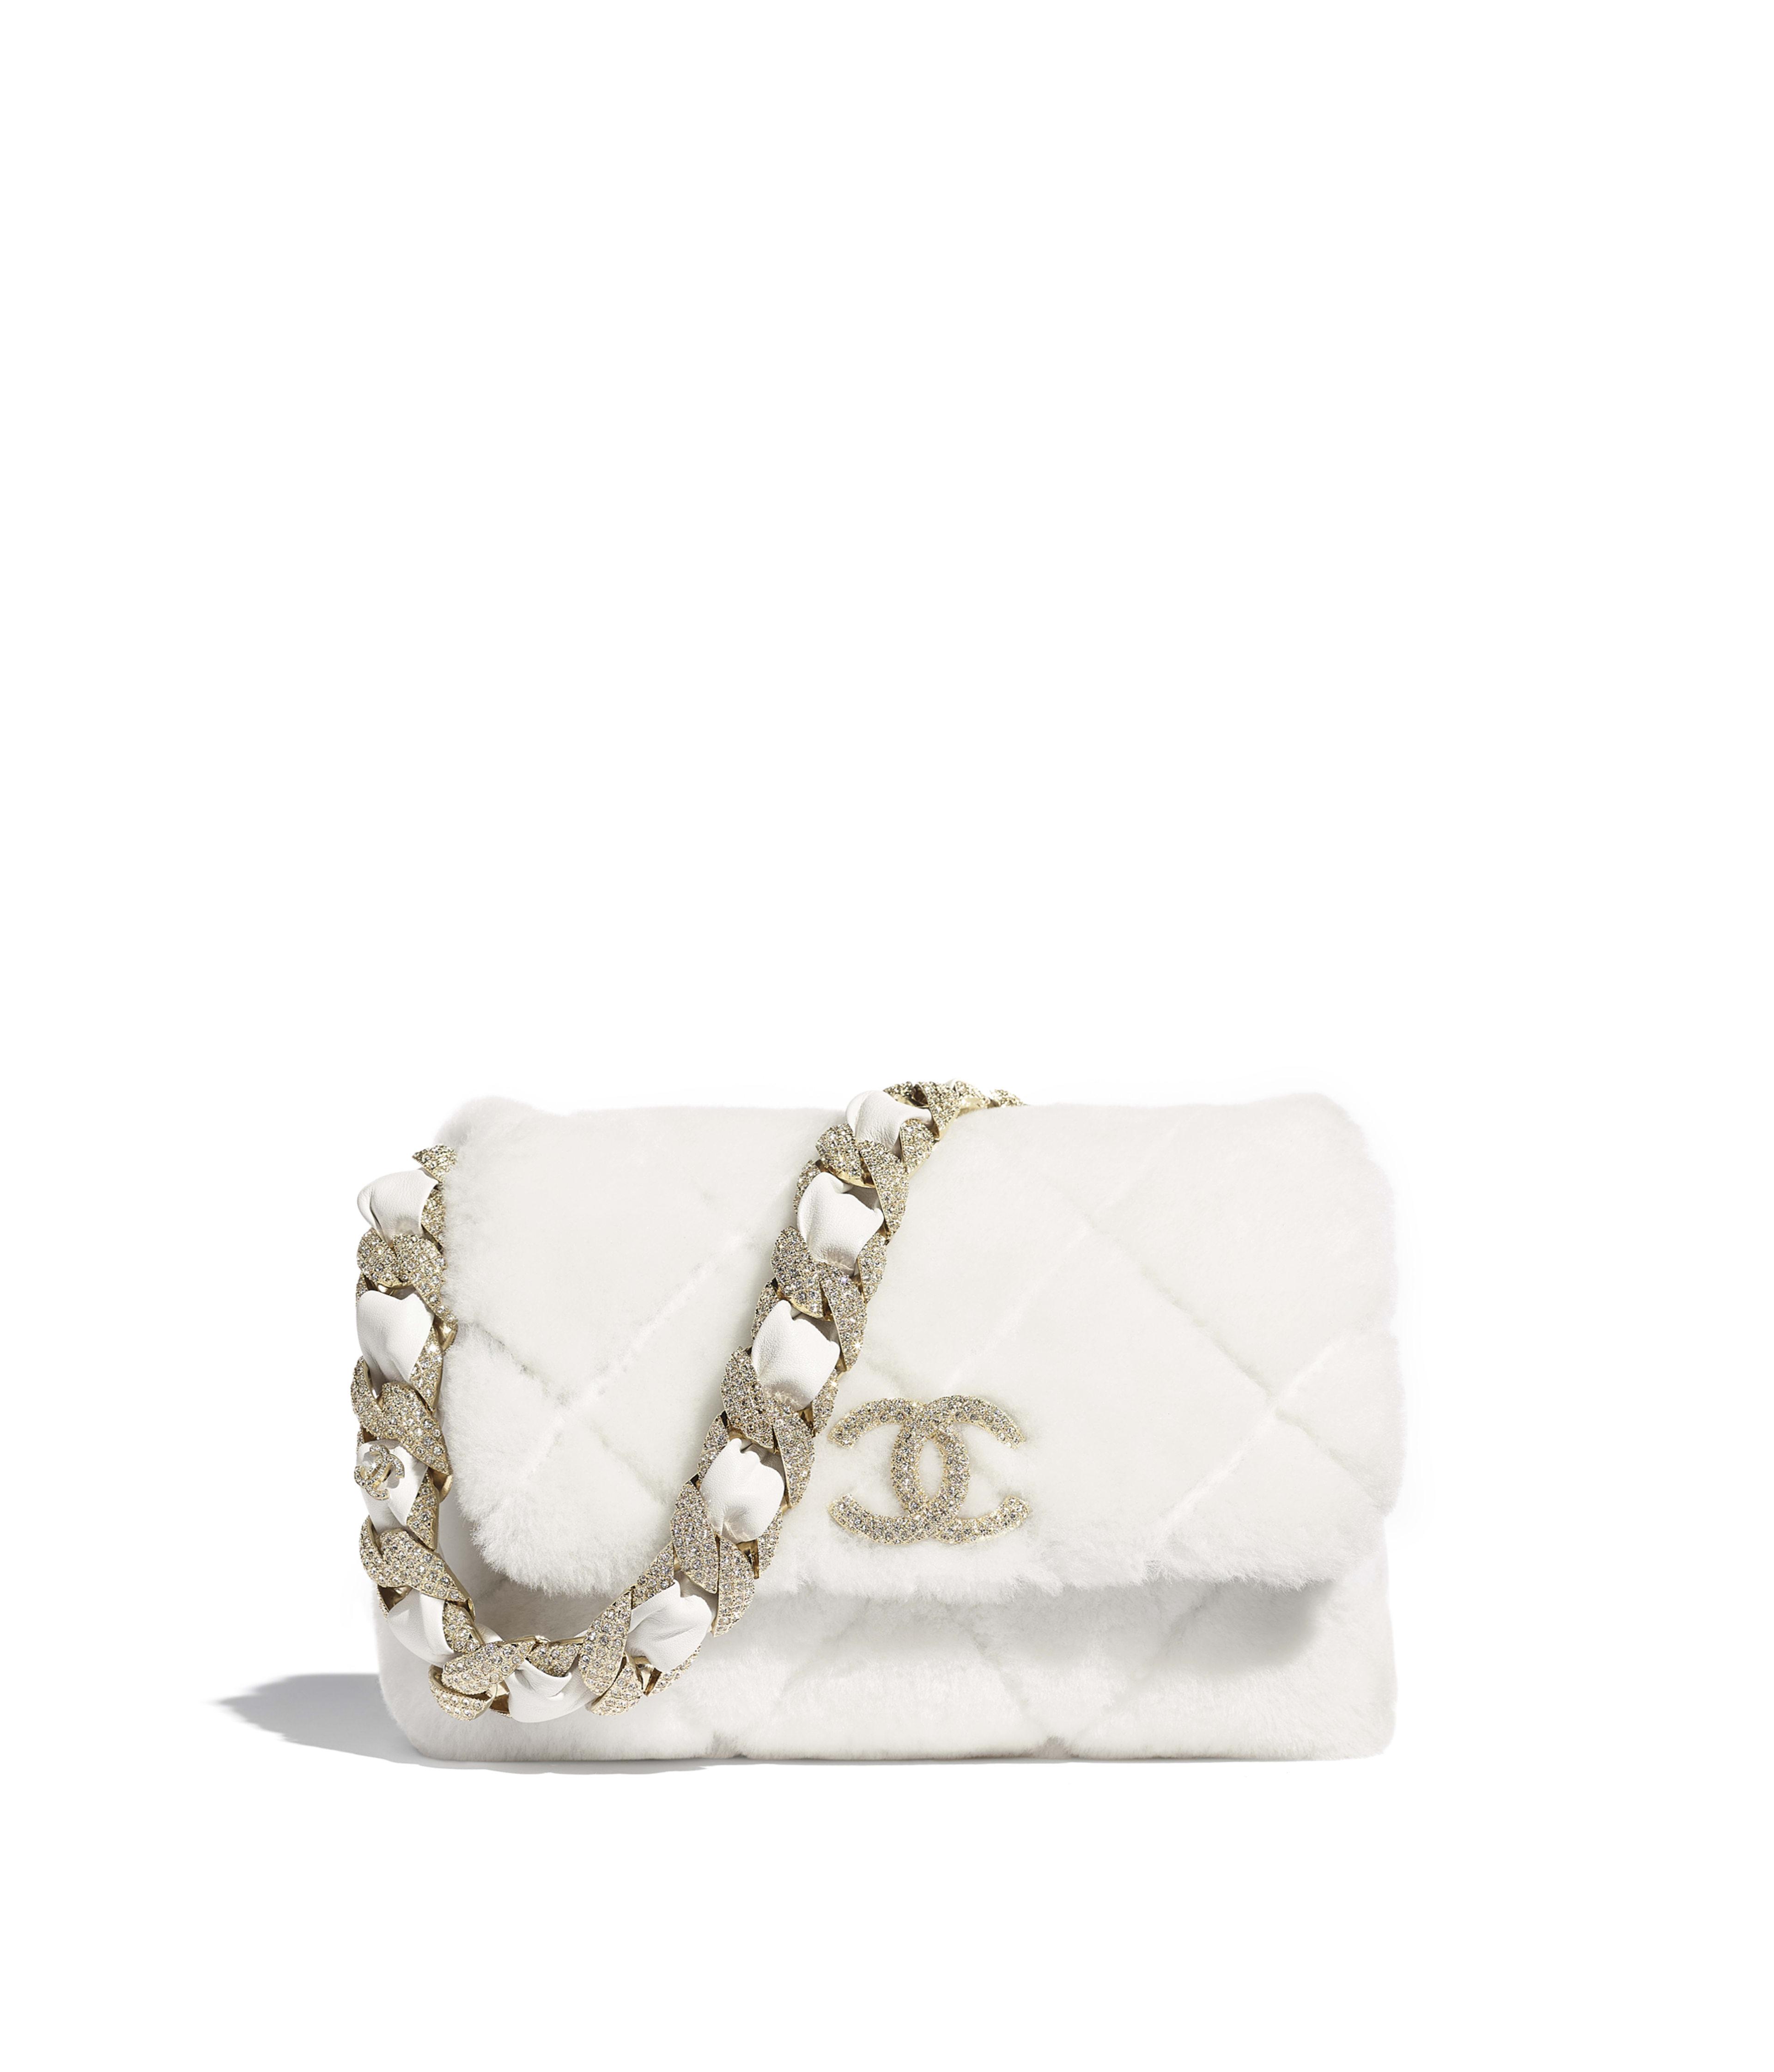 Chanel Borse Italia.Borse Moda Chanel